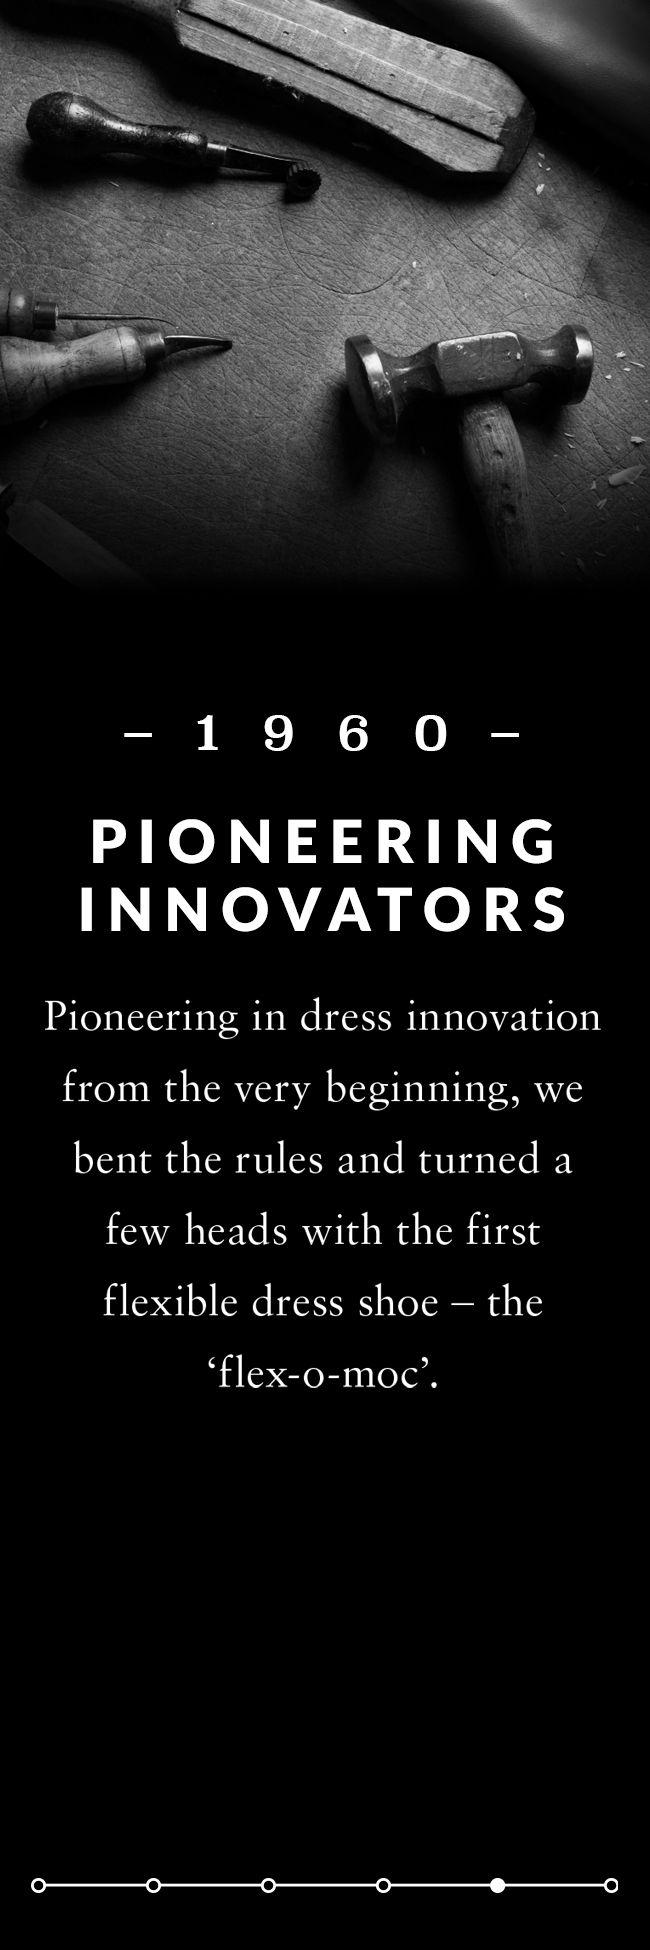 Pioneering innovators